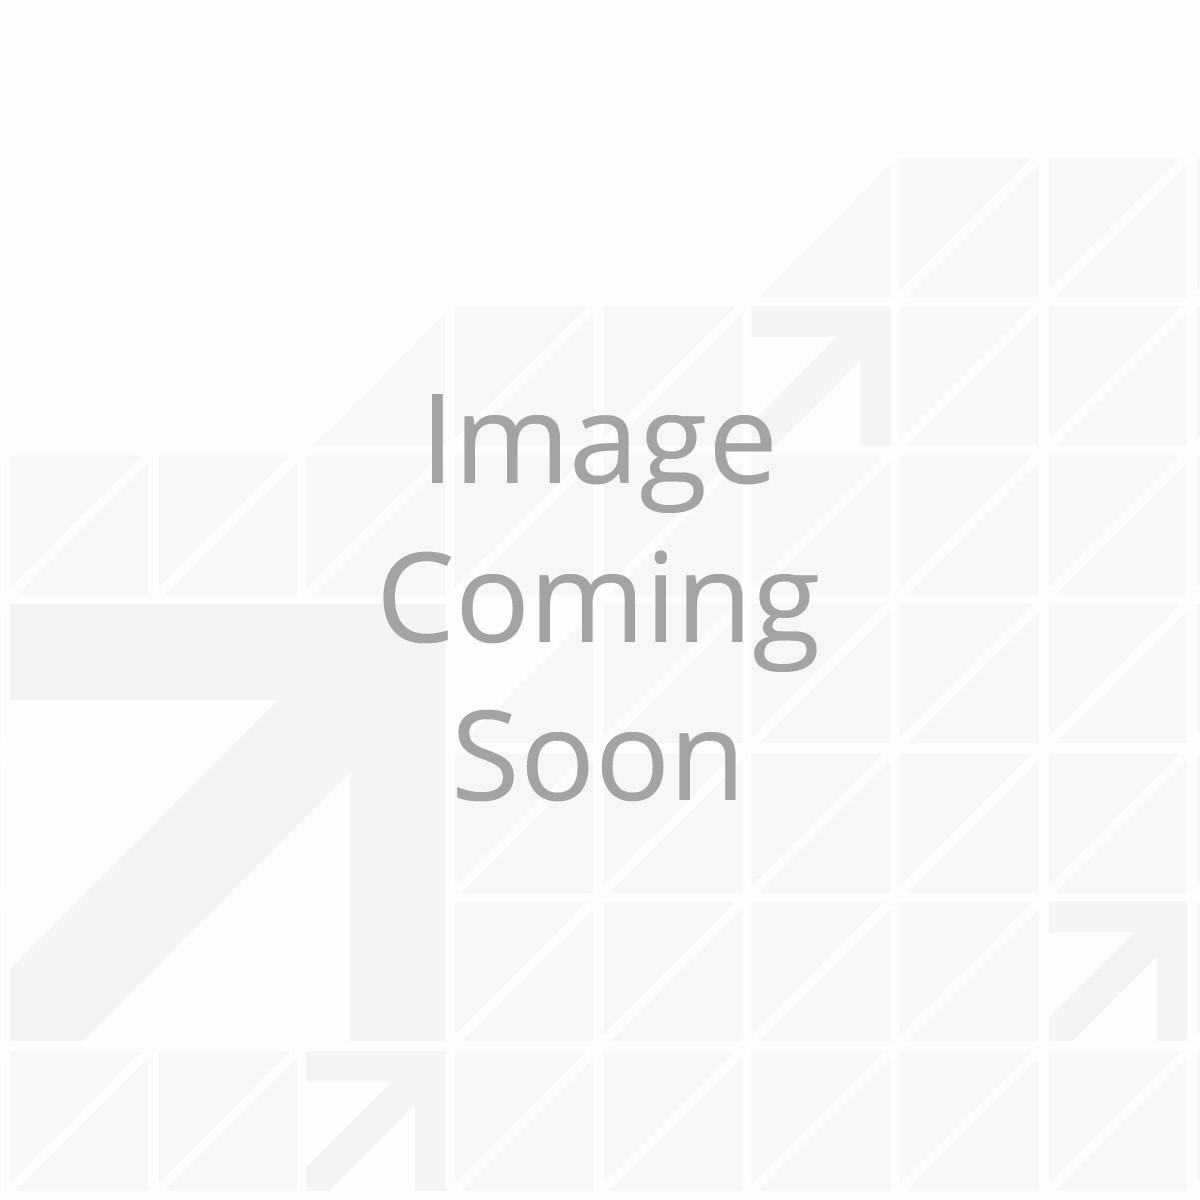 f52ins-gs_1